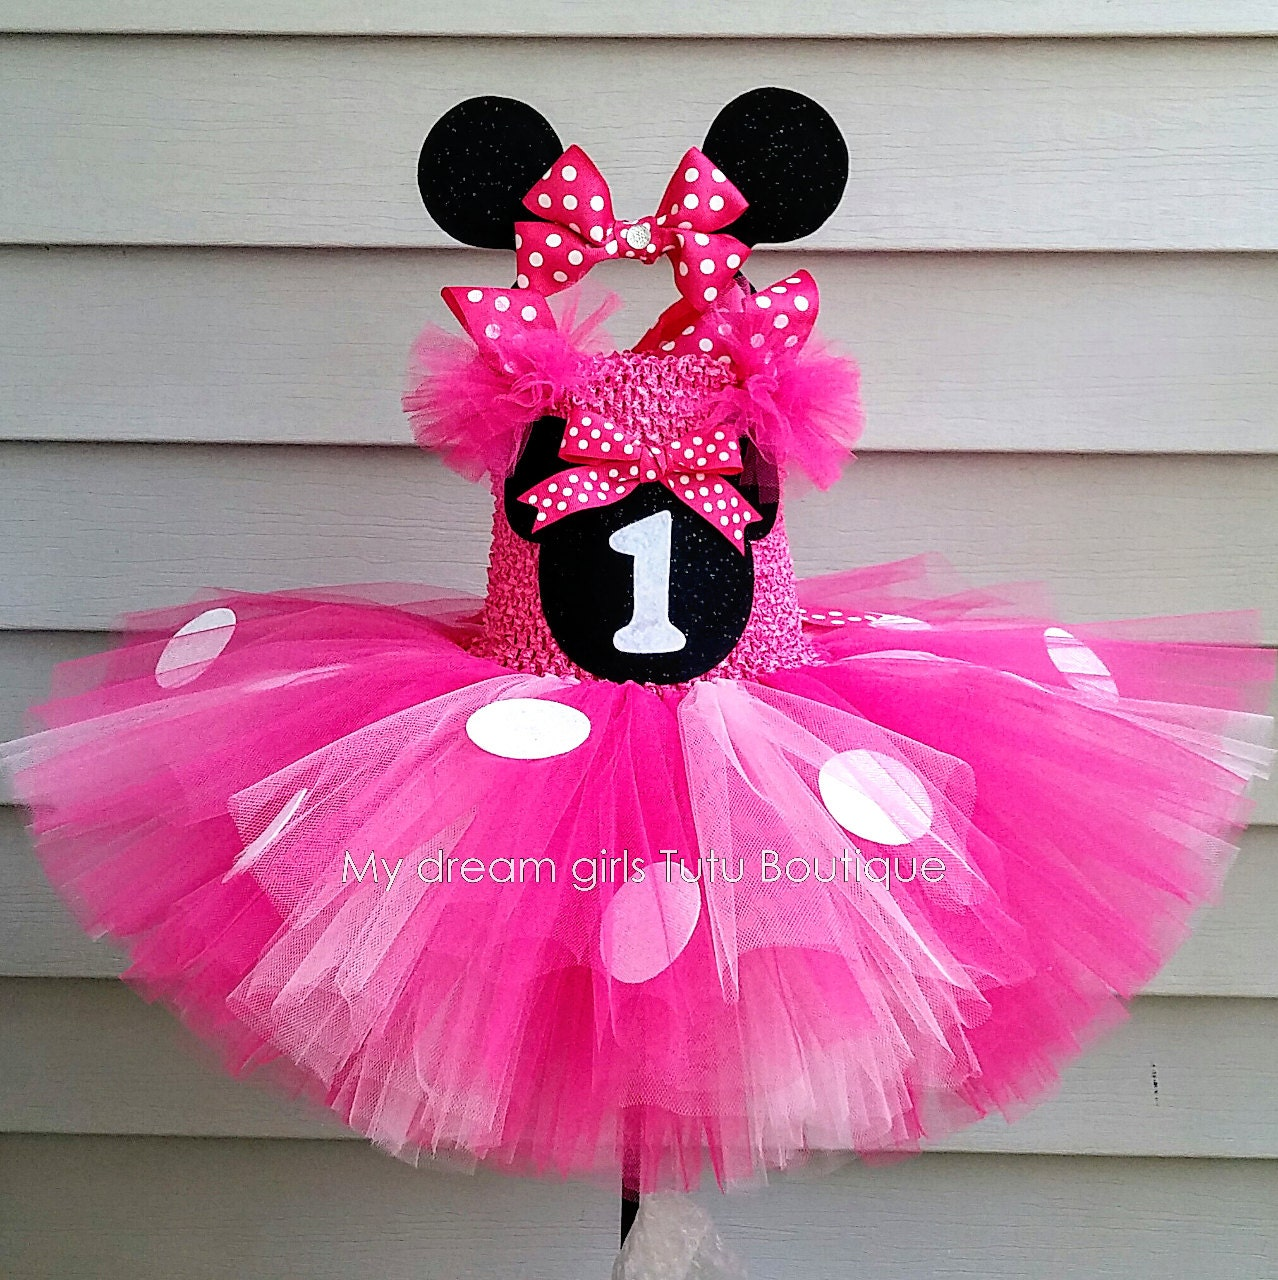 Diadema y vestido de Minnie mouse rosa minnie mouse vestido